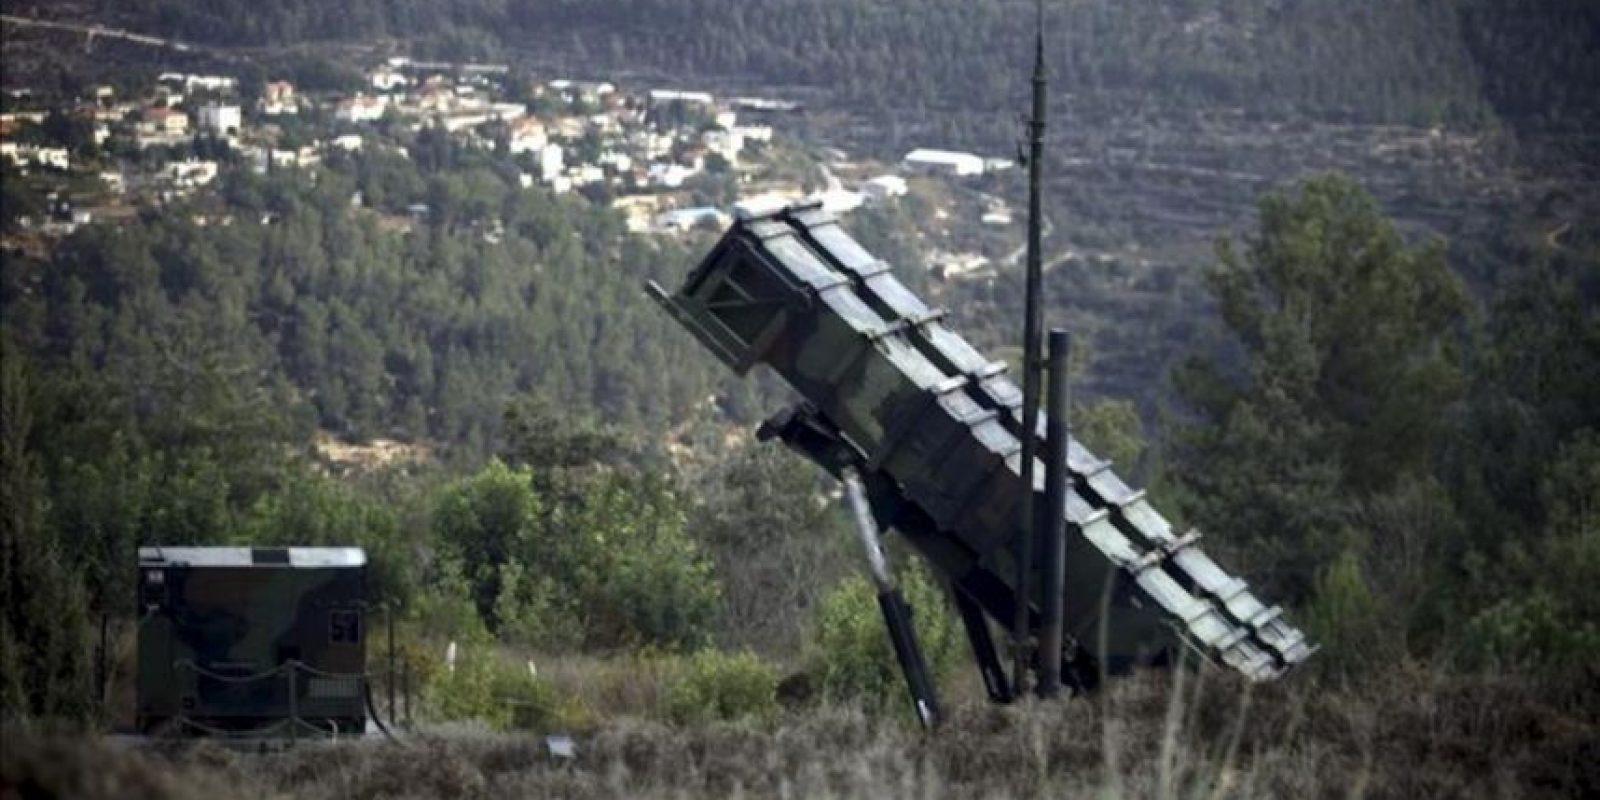 Imagen de archivo datada el 23 de octubre del 2012 de una batería de misiles Patriot en Jerusalén, Israel. Turquía ha solicitado oficialmente a la OTAN el despliegue de misiles en su territorio para protegerse de posibles ataques desde Siria, anunció hoy la Alianza Atlántica, que estudiará la medida de forma inmediata. EFE